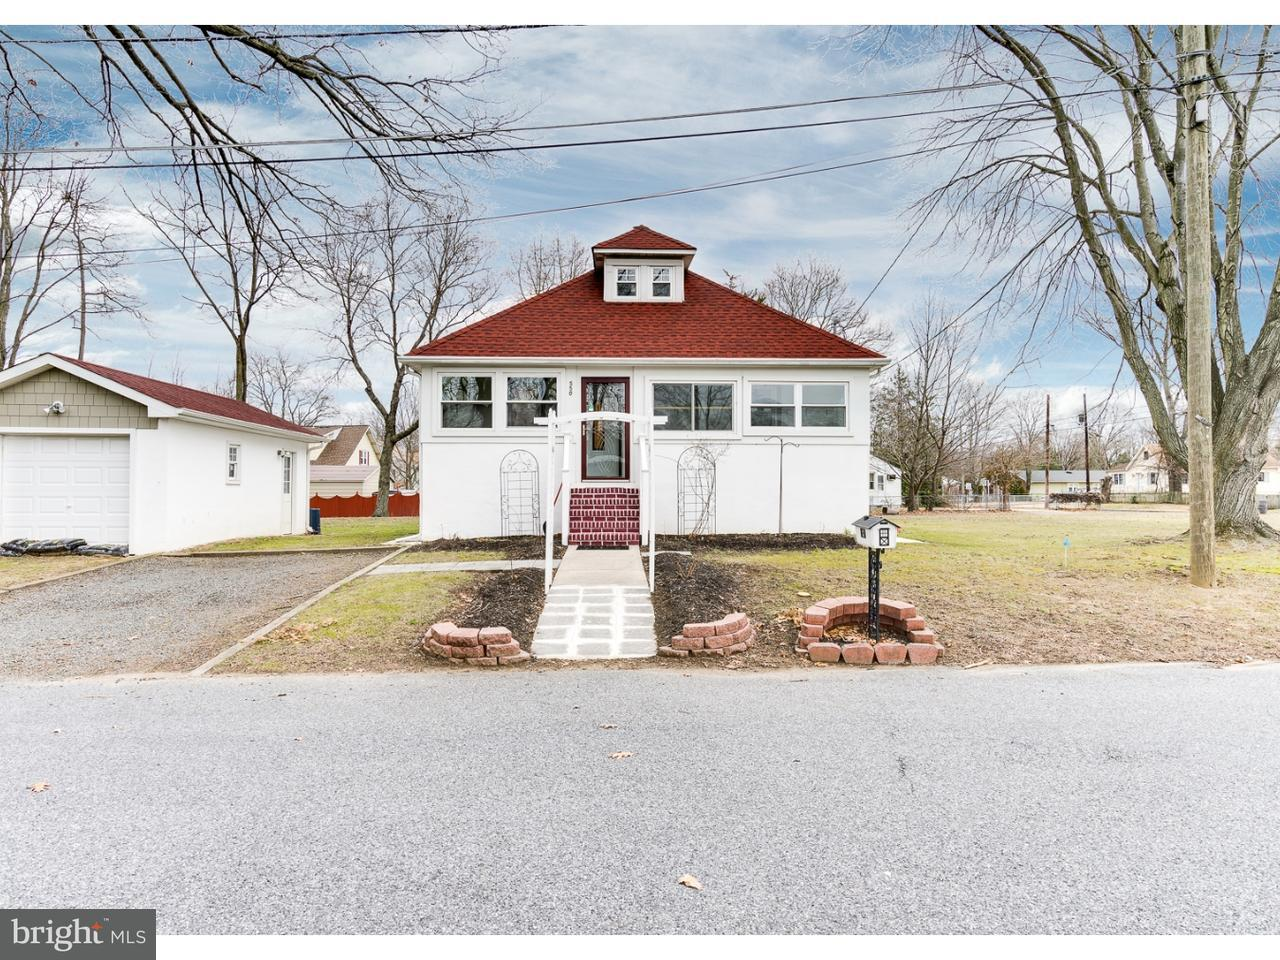 独户住宅 为 销售 在 550 7TH Street Roebling, 新泽西州 08554 美国